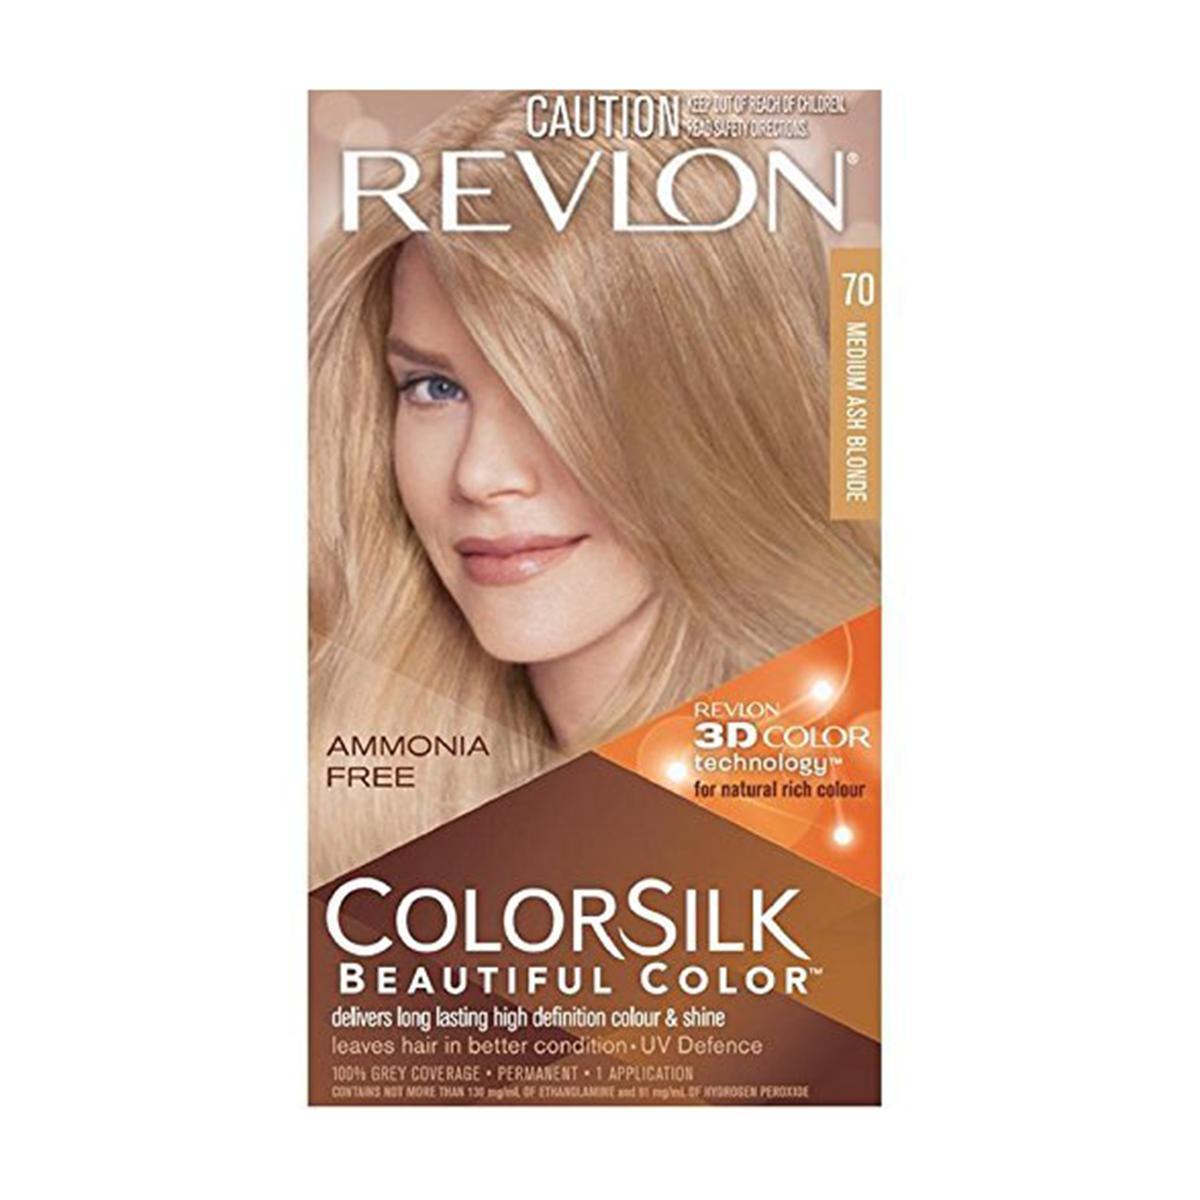 Revlon 3D Colorsilk Beautiful Hair Color - Shade 70 - 120ml